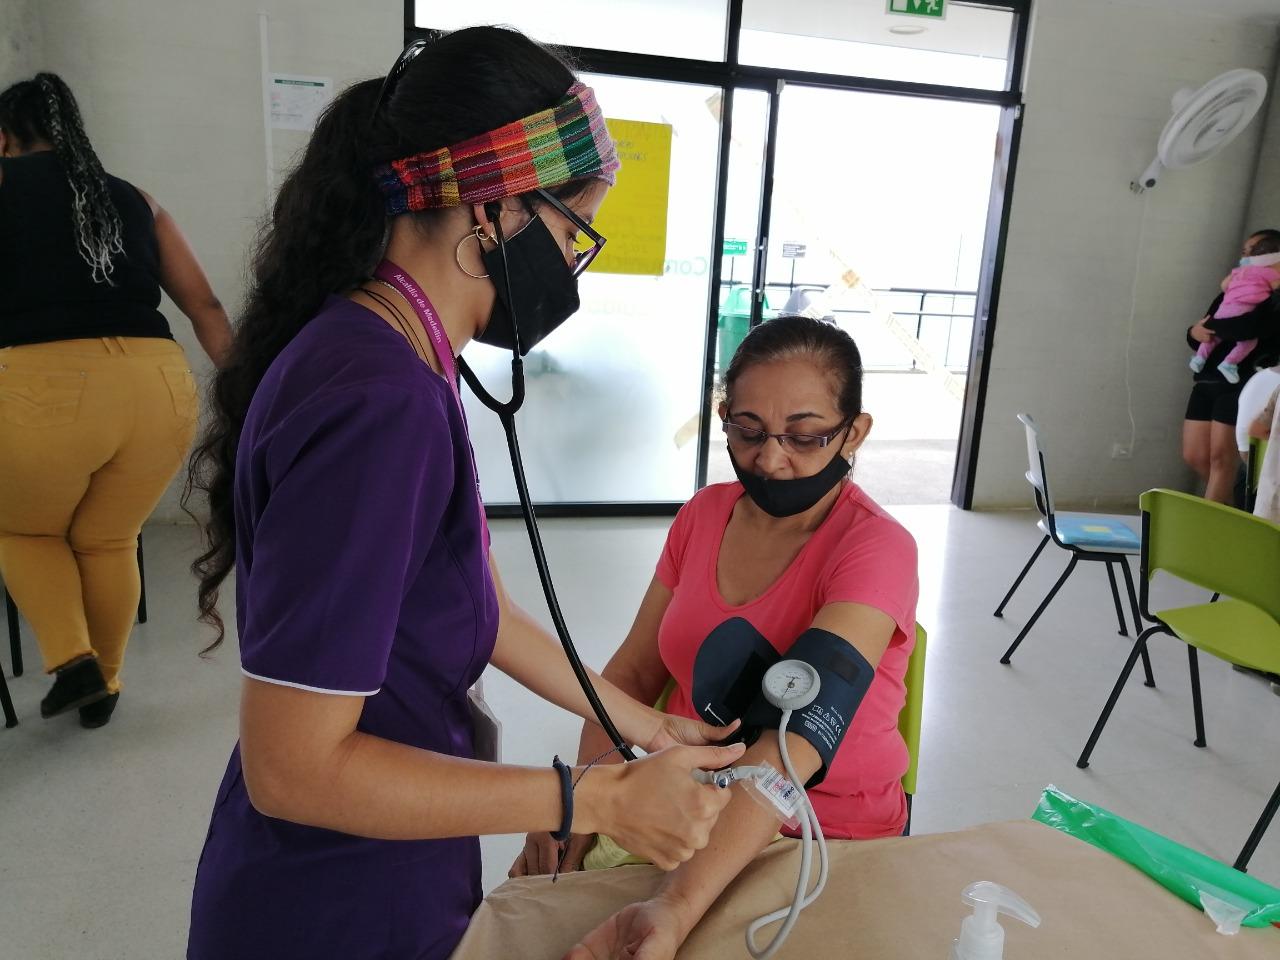 En octubre, Medellín se une a la lucha mundial contra el cáncer de mama – @AlcaldiadeMeda